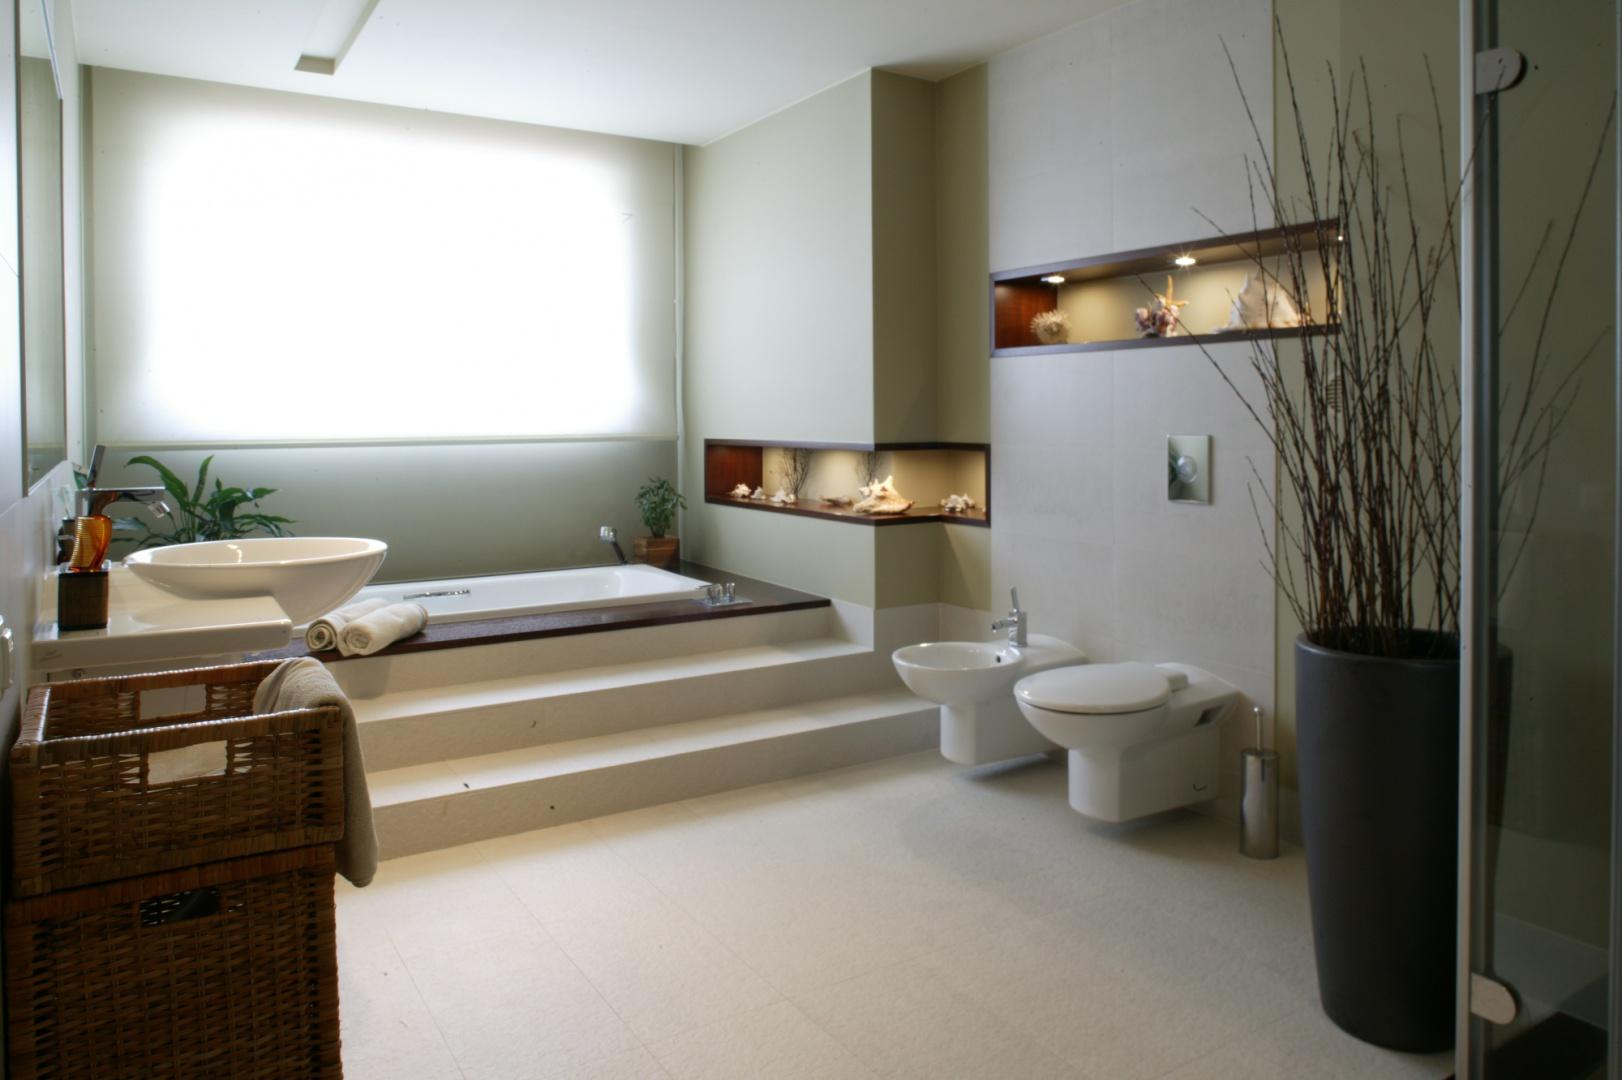 Duże okno w łazience można przysłonić rzymską roletą, albo cieszyć się promieniami słońca ogarniającymi strefę kąpielową. Fot. Monika Filipiuk.